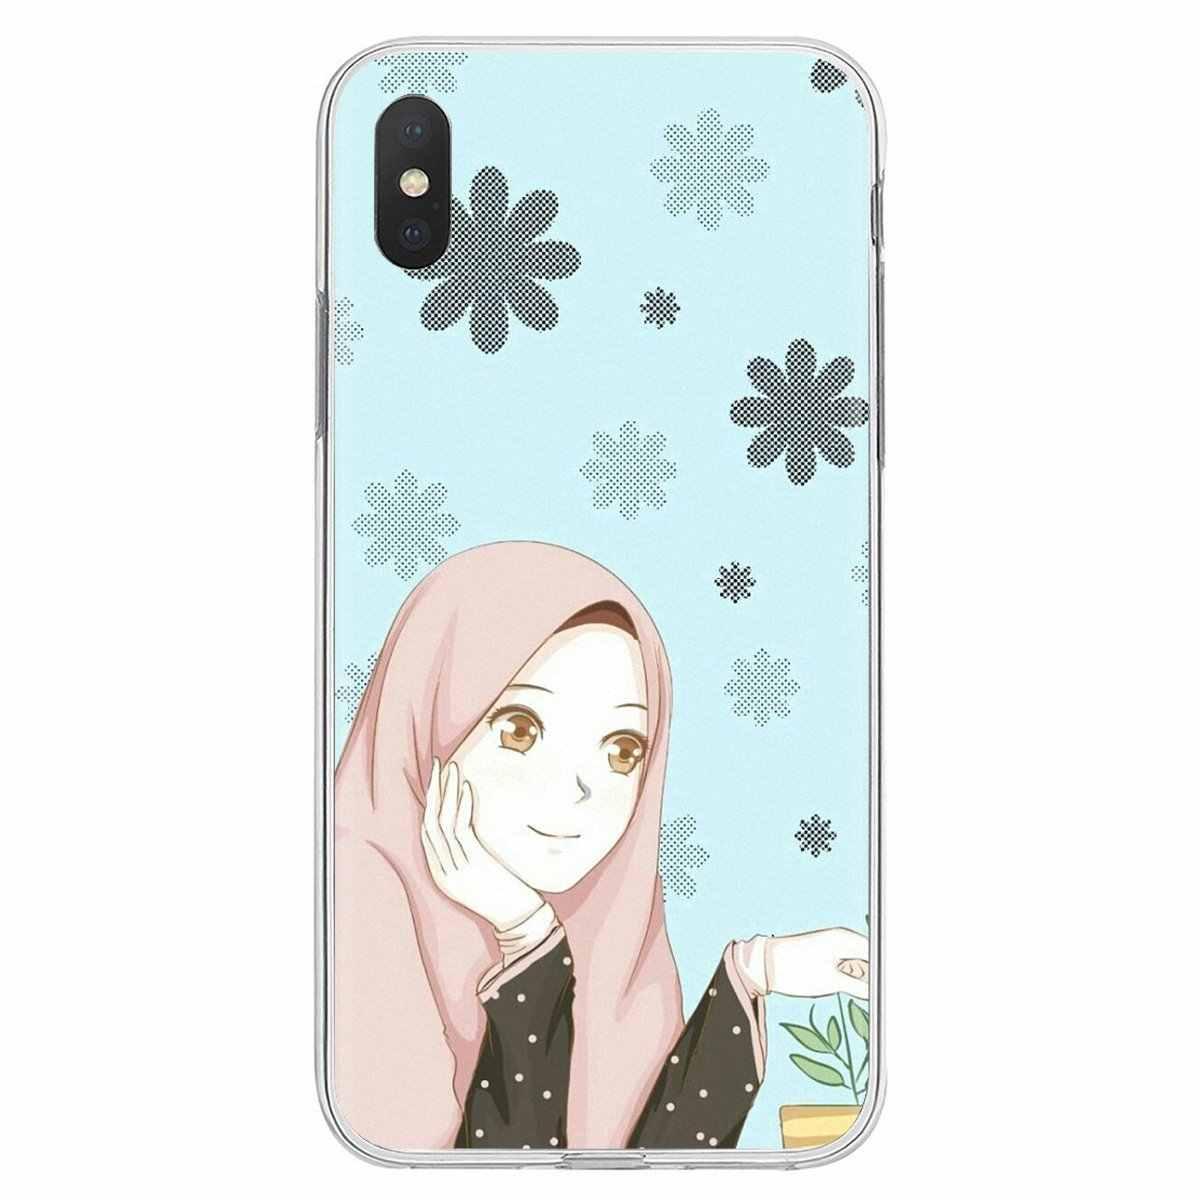 האסלאמי מוסלמי Hijabi בנות Womemen לxiaomi Mi5 Mi5S Mi6 Mi3 Mi4 Mi4i Mi4C Redmi הערה 2 3 3S 5 5A 6 6A פרו סיליקון כיסוי תיק